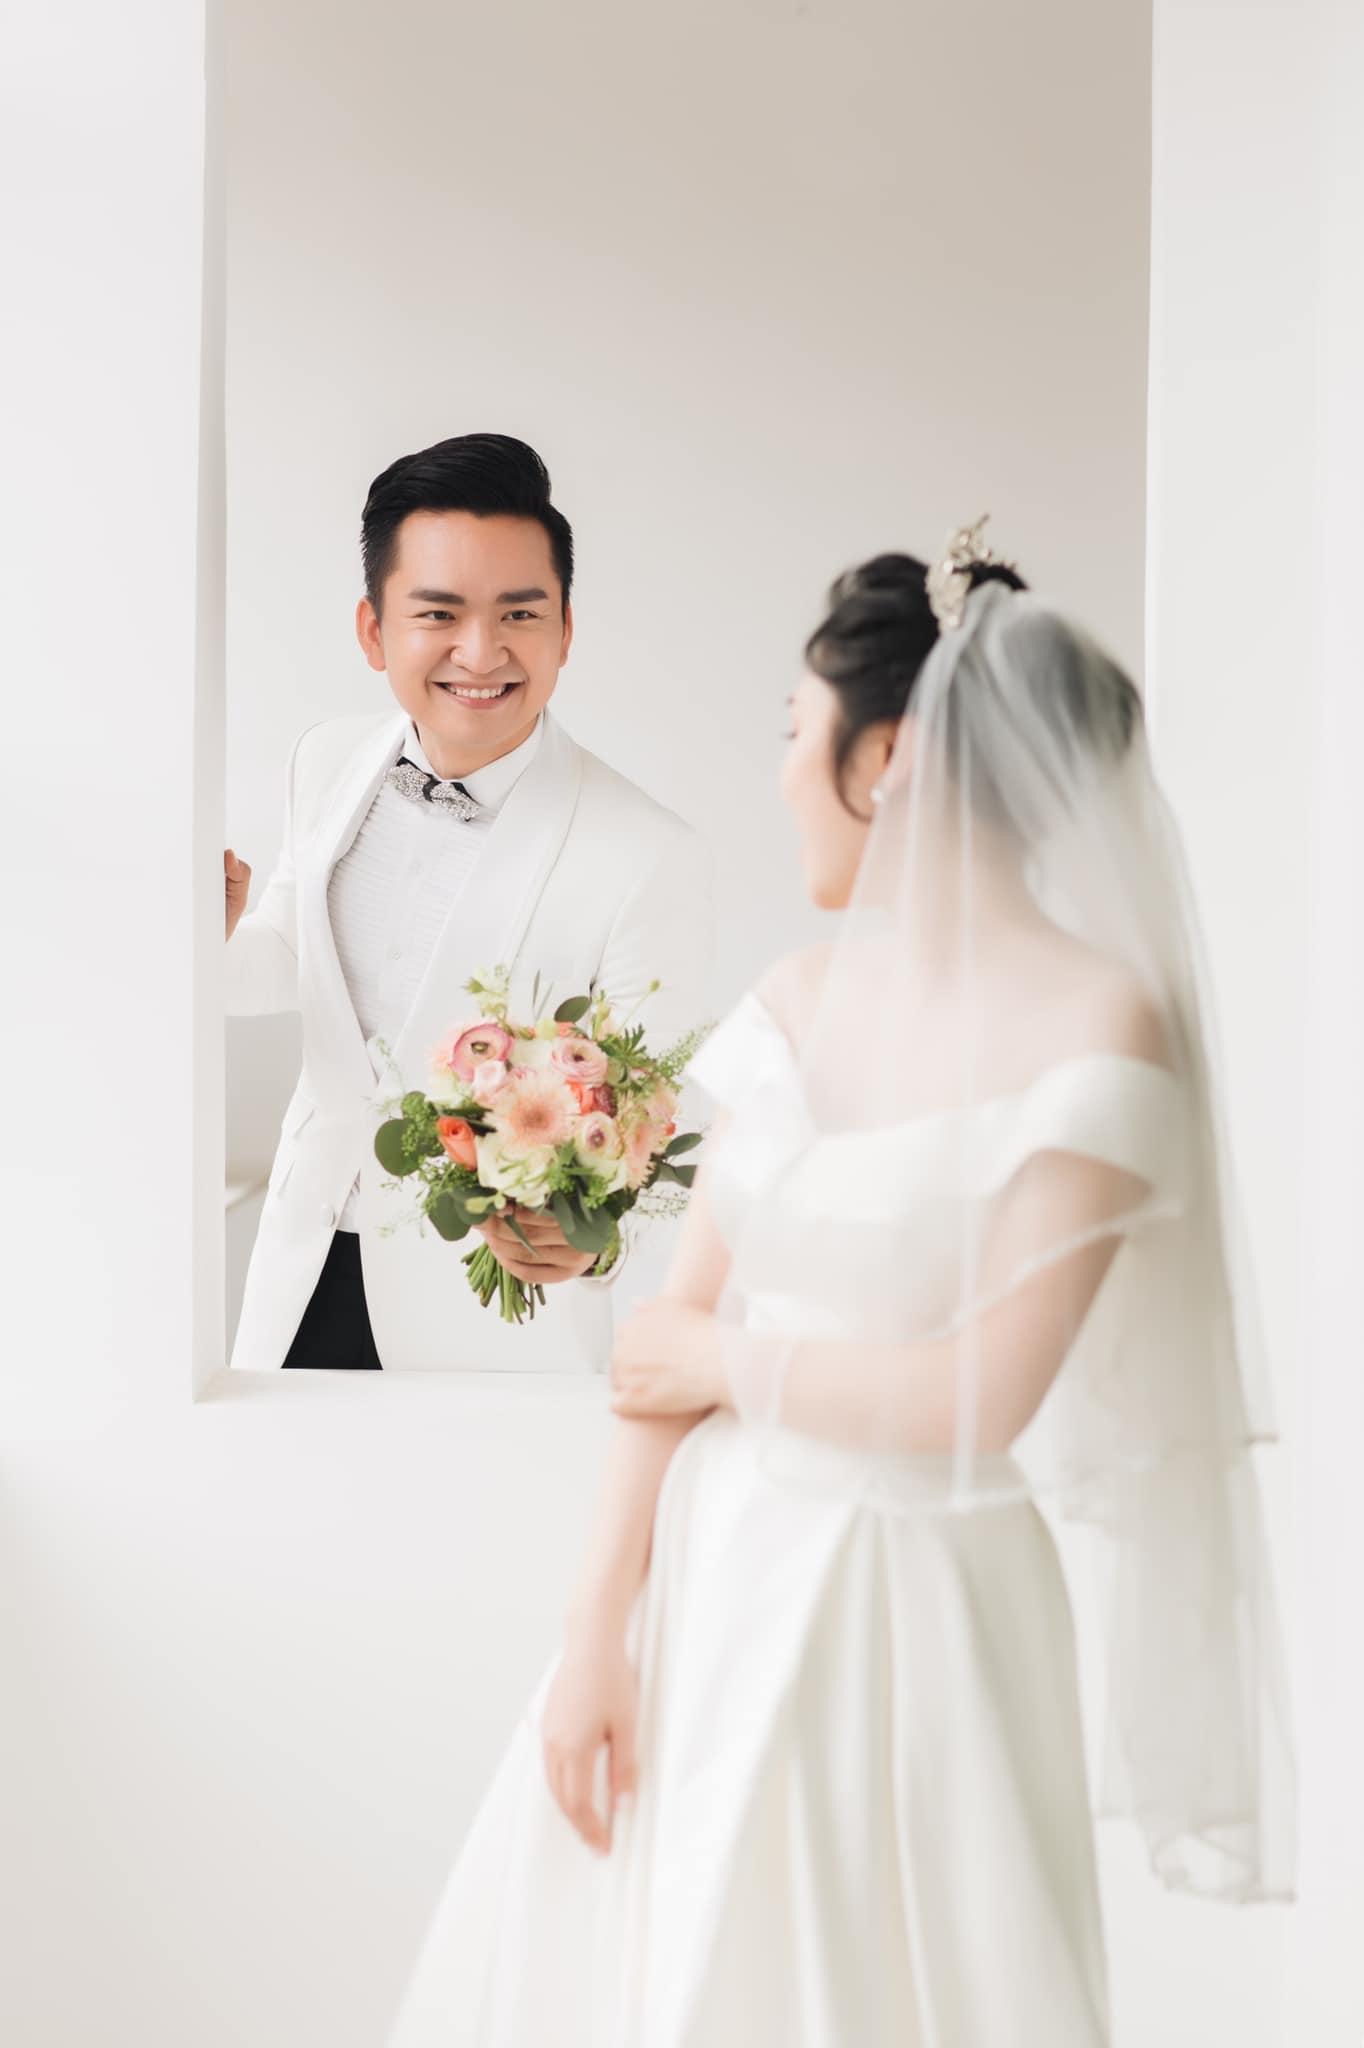 MC Hạnh Phúc chia sẻ sắp có con, tiết lộ lý do chưa thể tổ chức tiệc cưới - Ảnh 1.